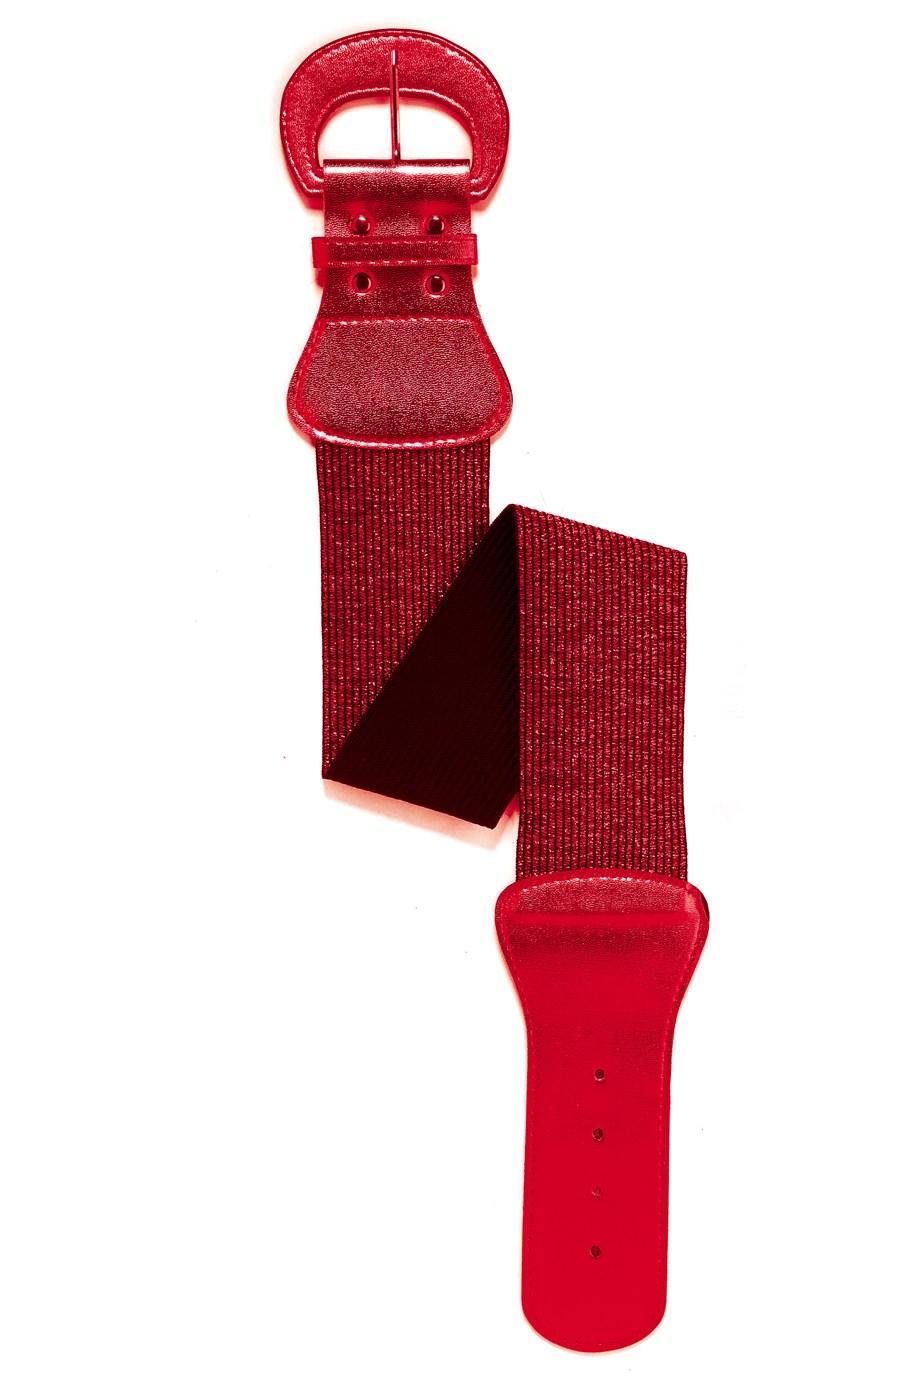 Brede rode riem met grote gesp